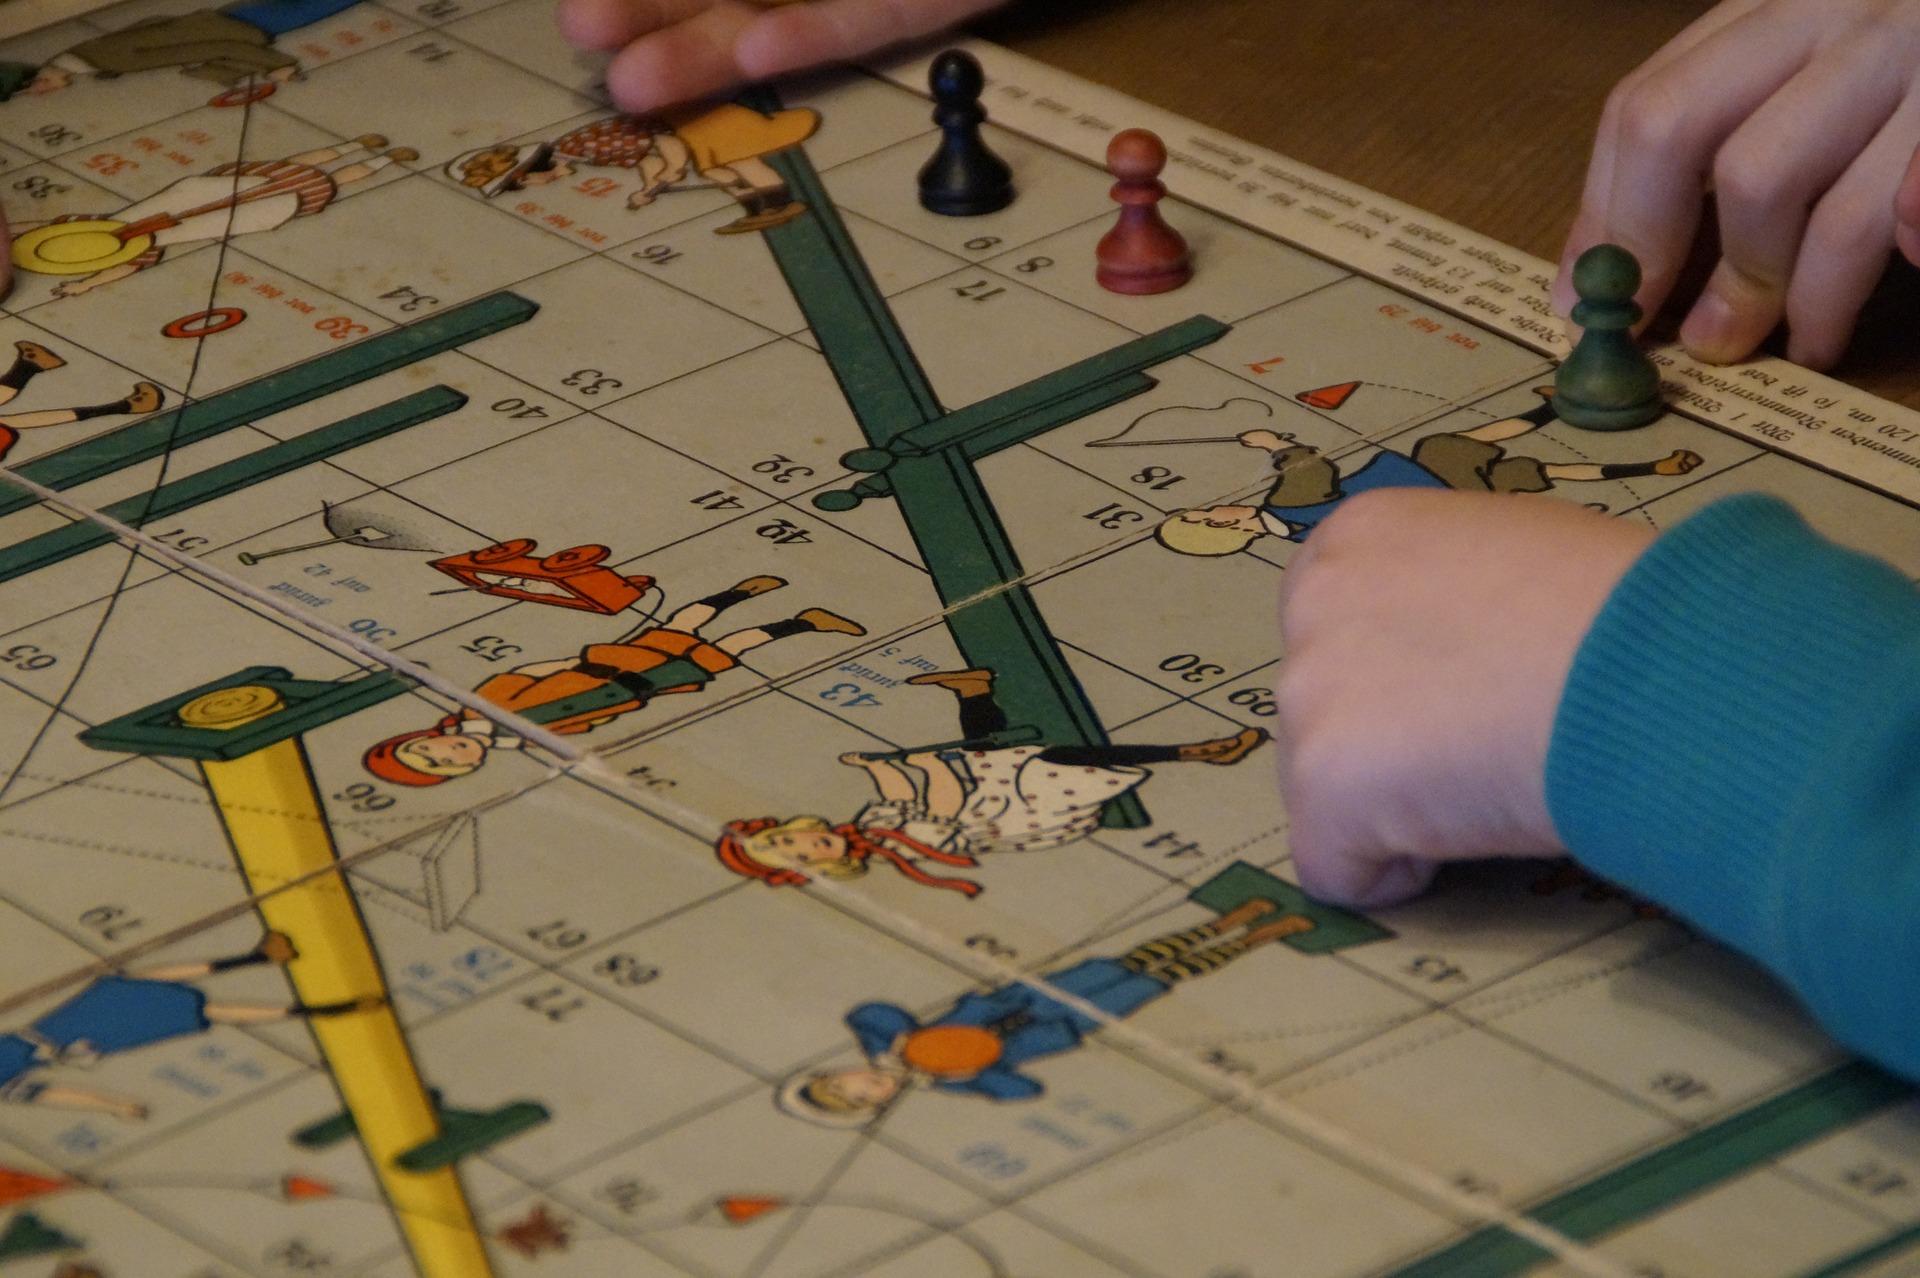 Серию мастер-классов по созданию собственной настольной игры запустили в Марушкинском